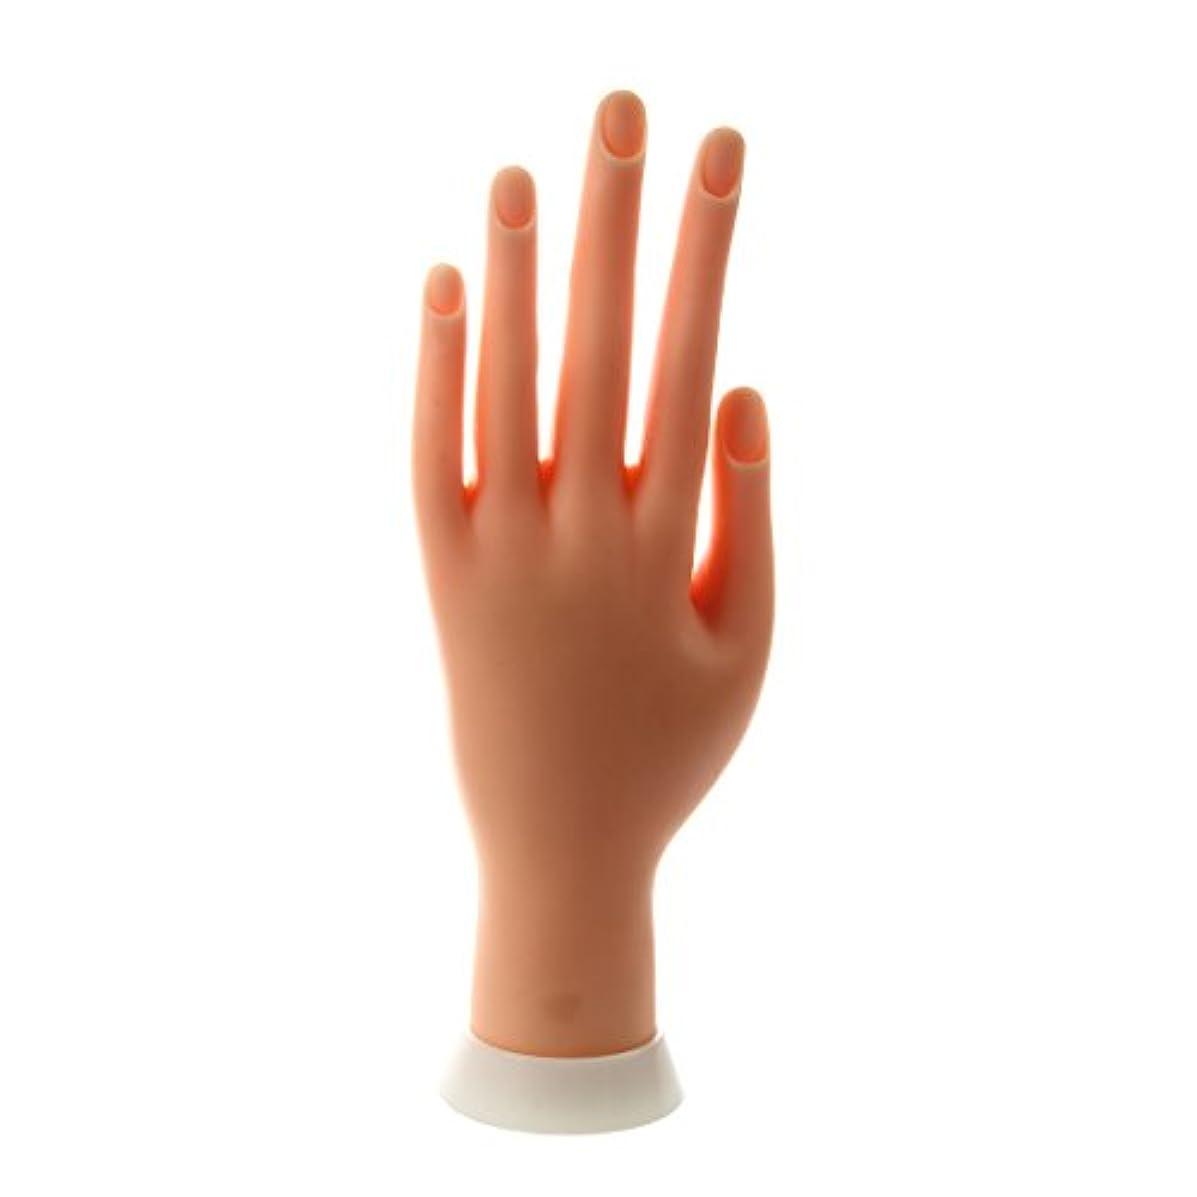 苦難想像力豊かなひばりSODIAL(R) ネイルアートの練習のためのモデル左手